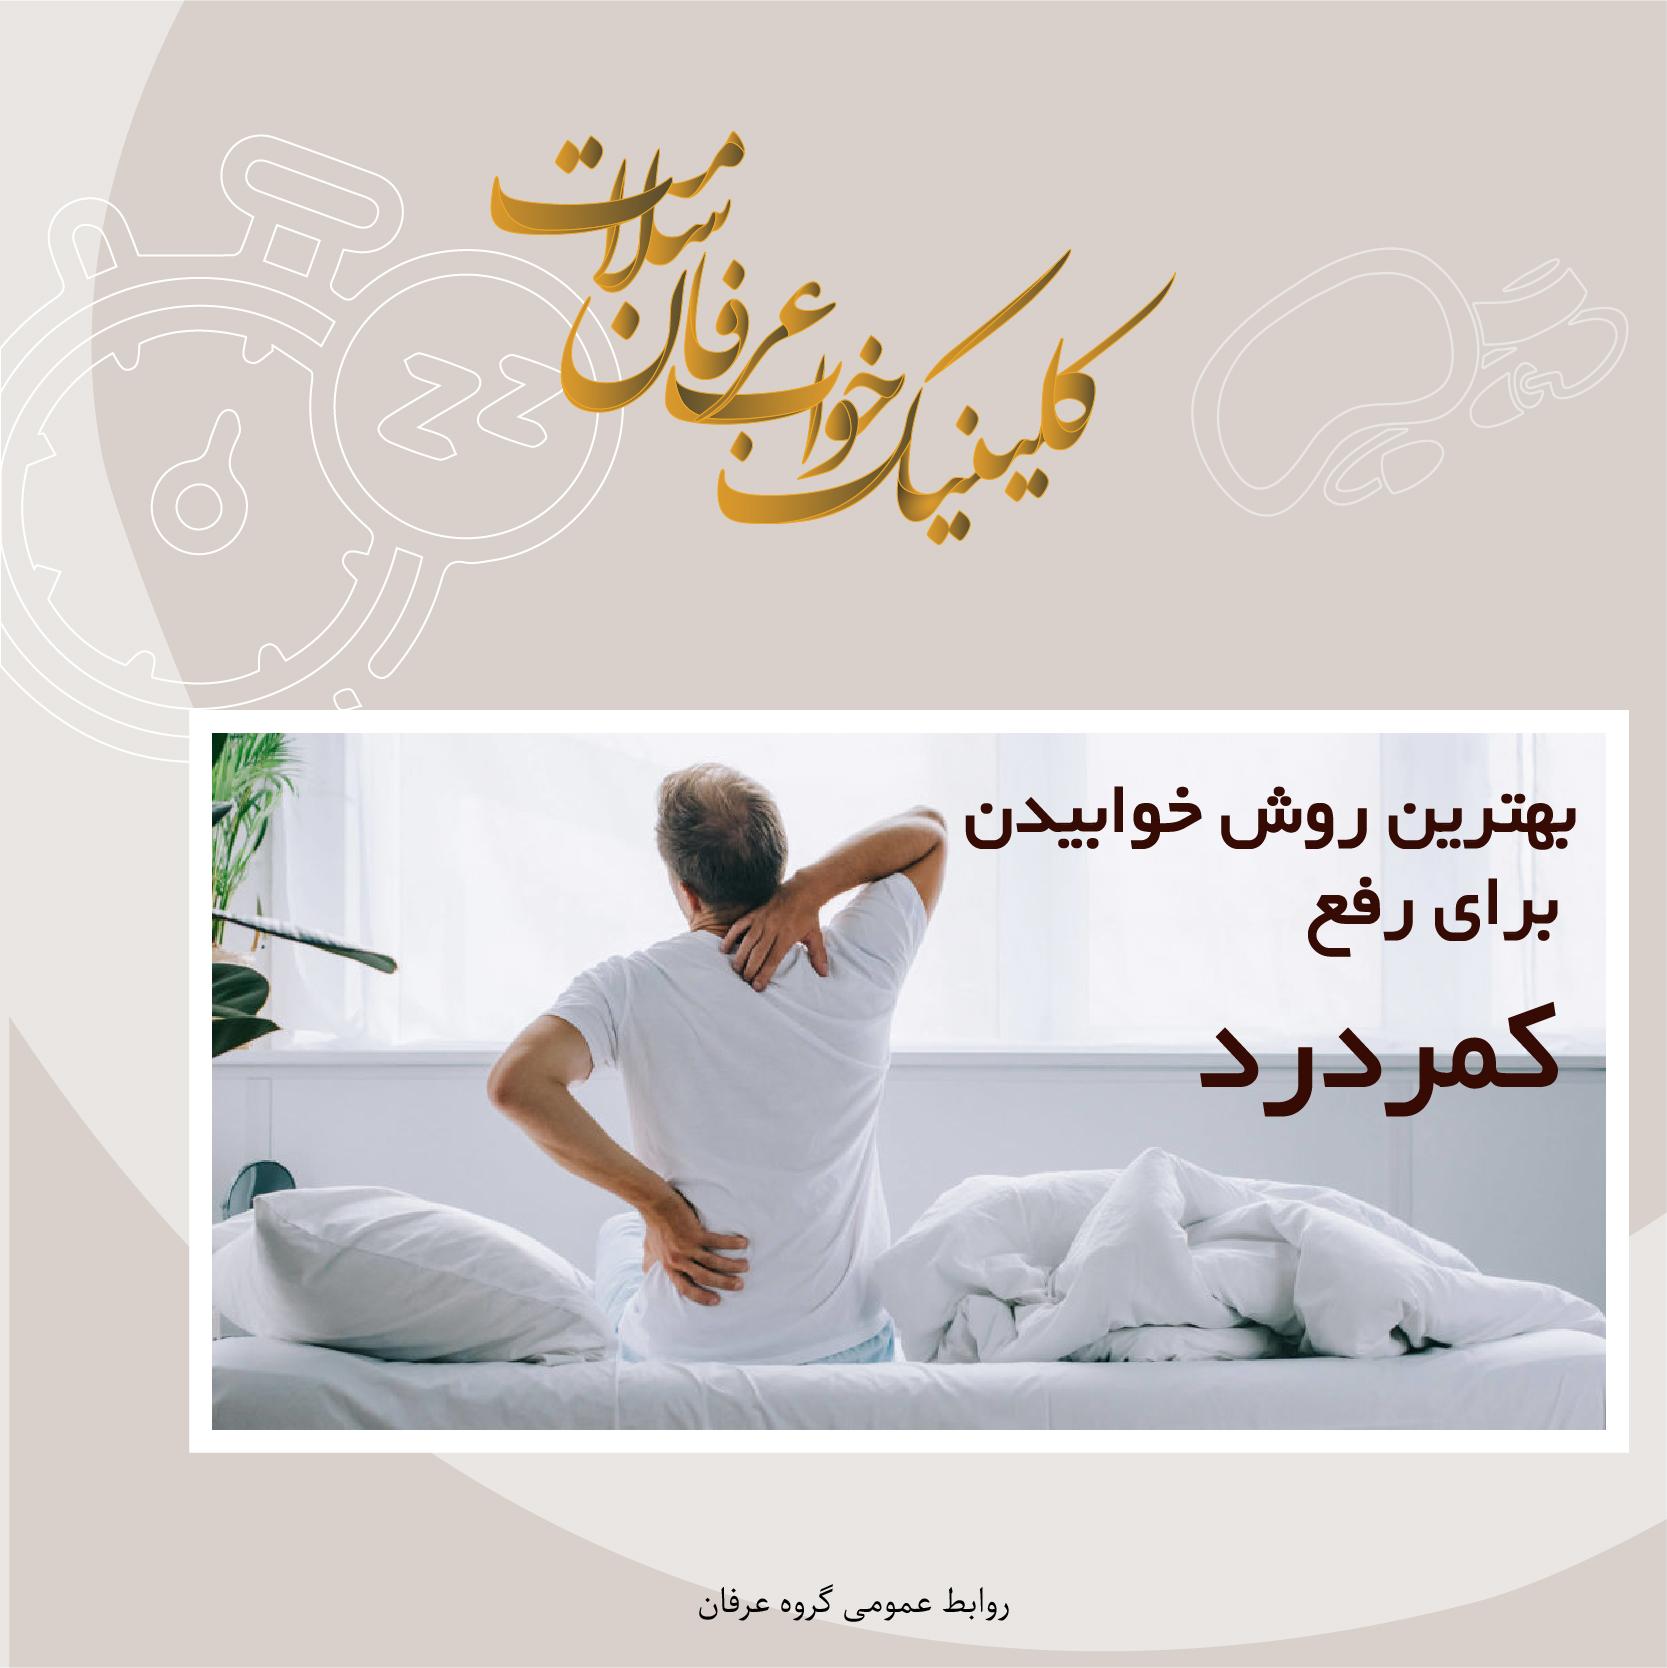 بهترین روش خوابیدن برای کمر درد